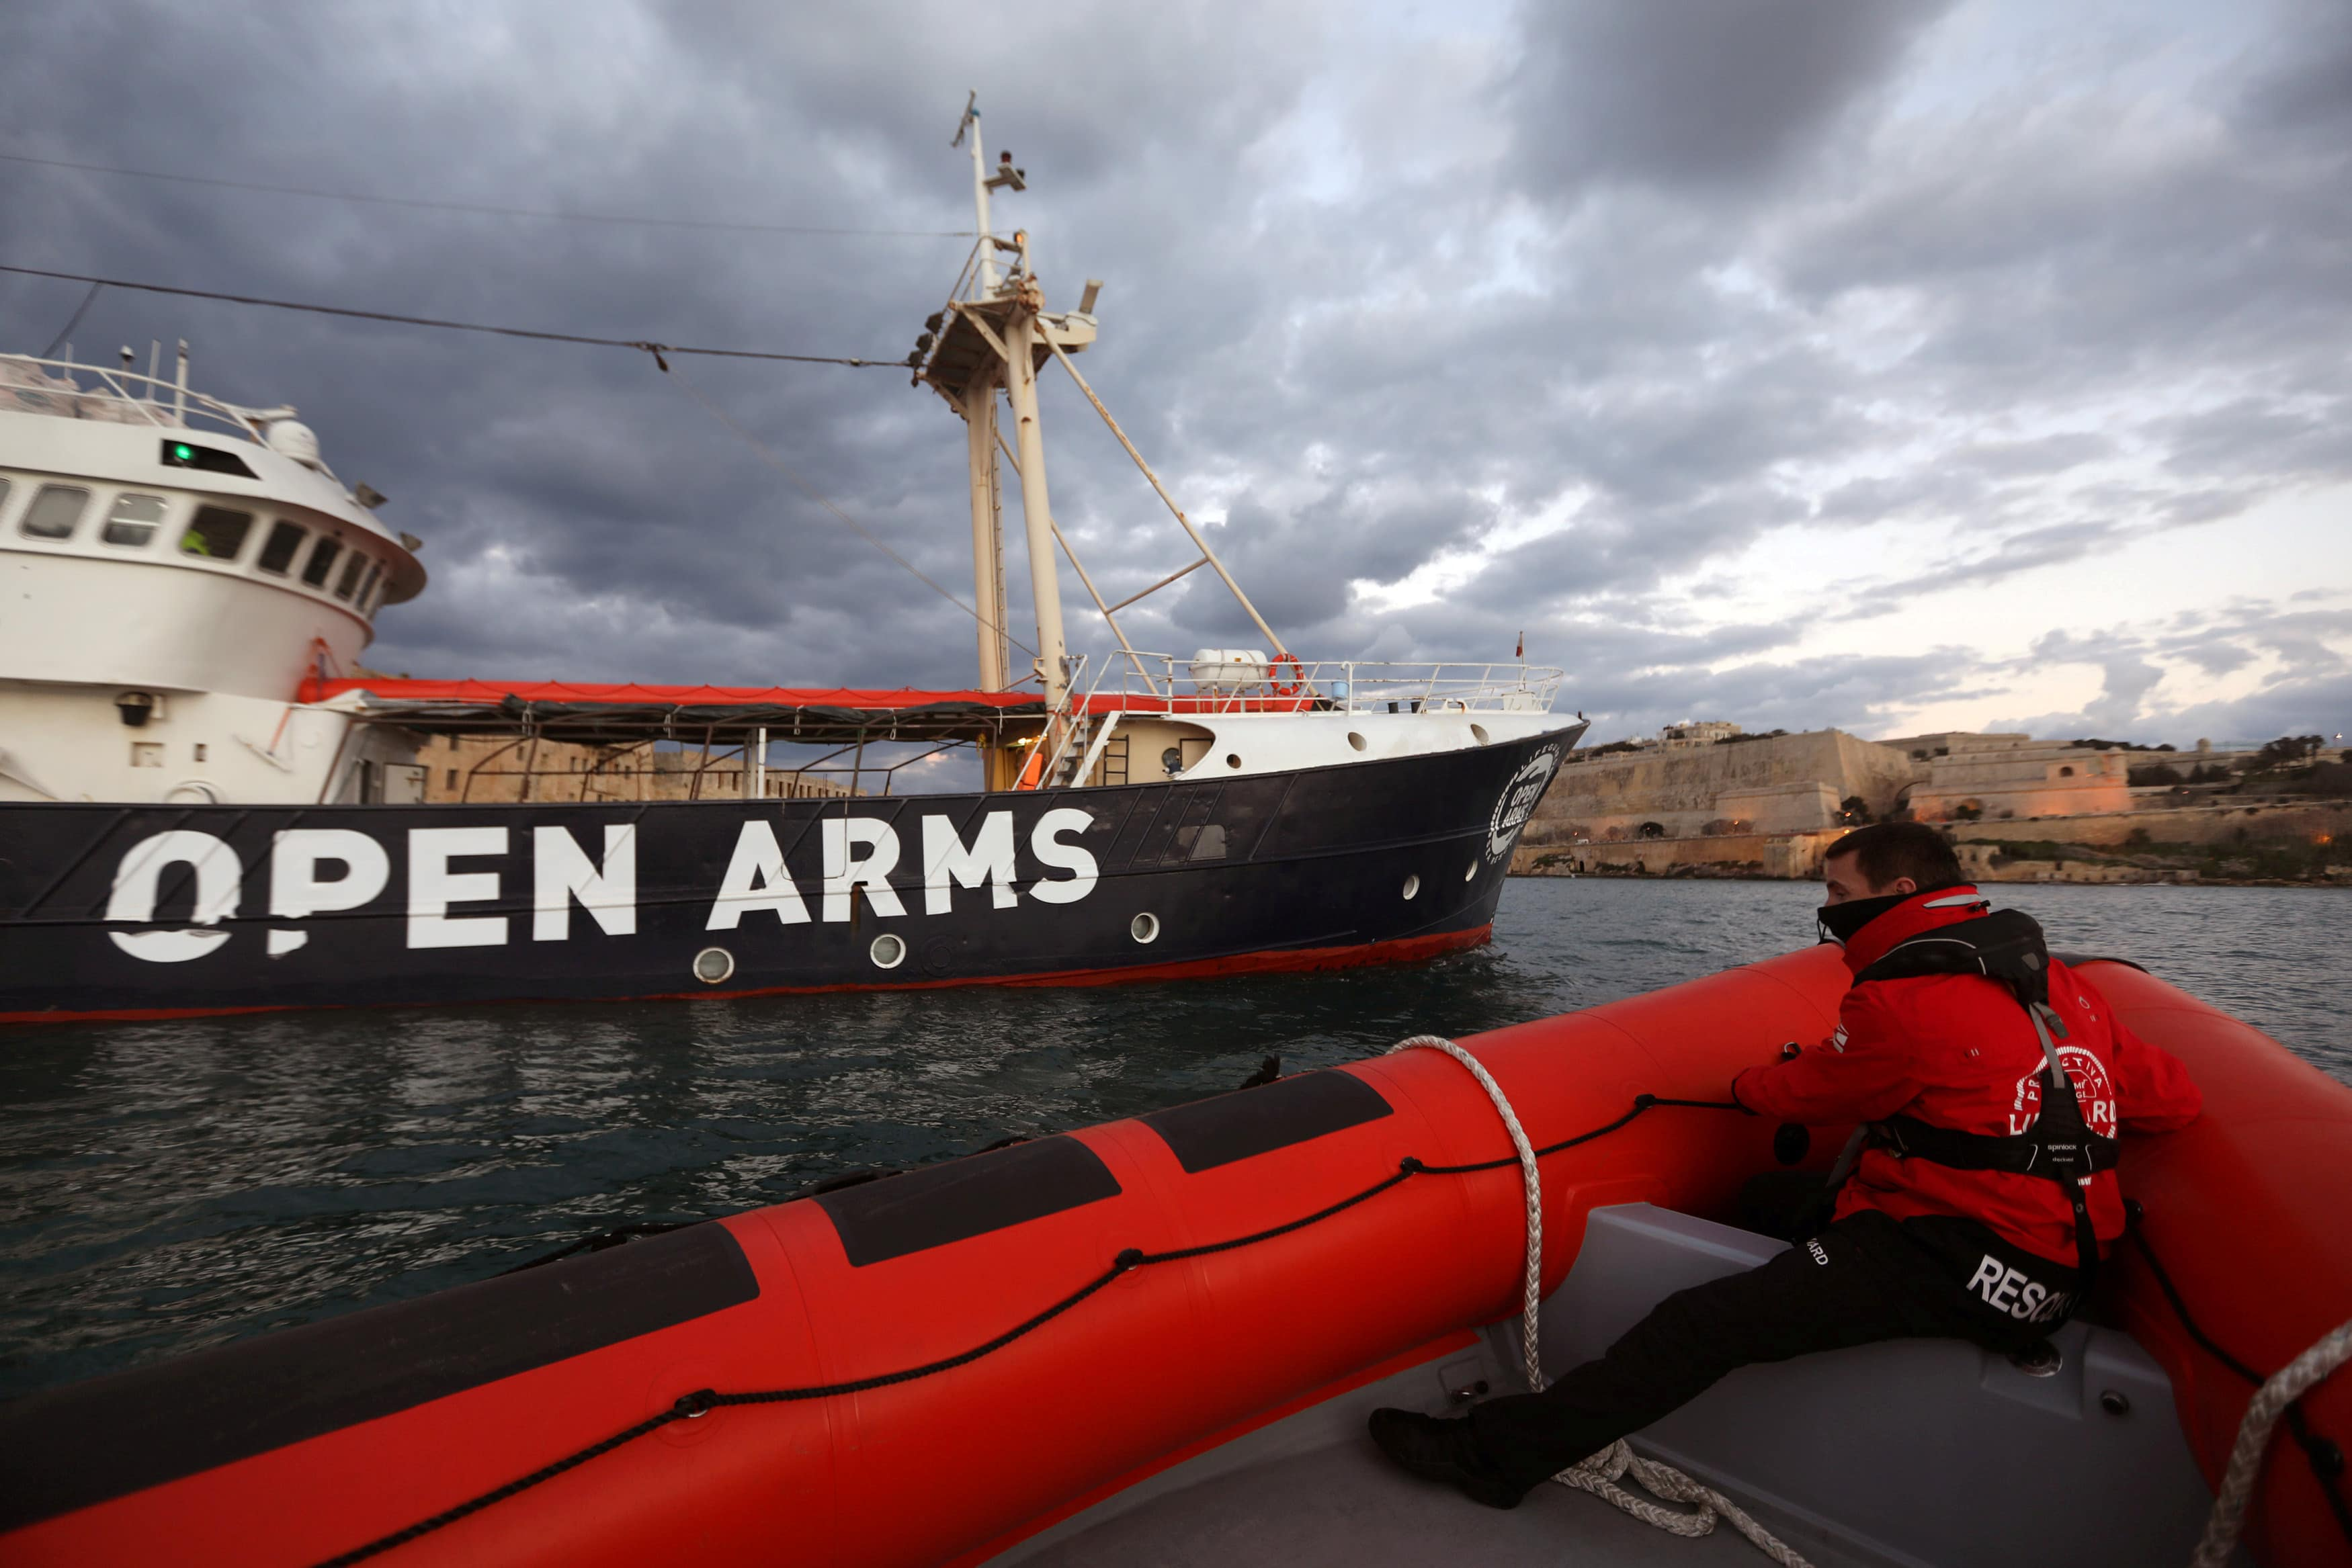 Έλληνες απέναντι στις ΜΚΟ: Κάτοικοι της Λέσβου παρεμπόδισαν το «Open Arms» να ελλιμενιστεί – Πέταξαν συμβολικά πέτρες